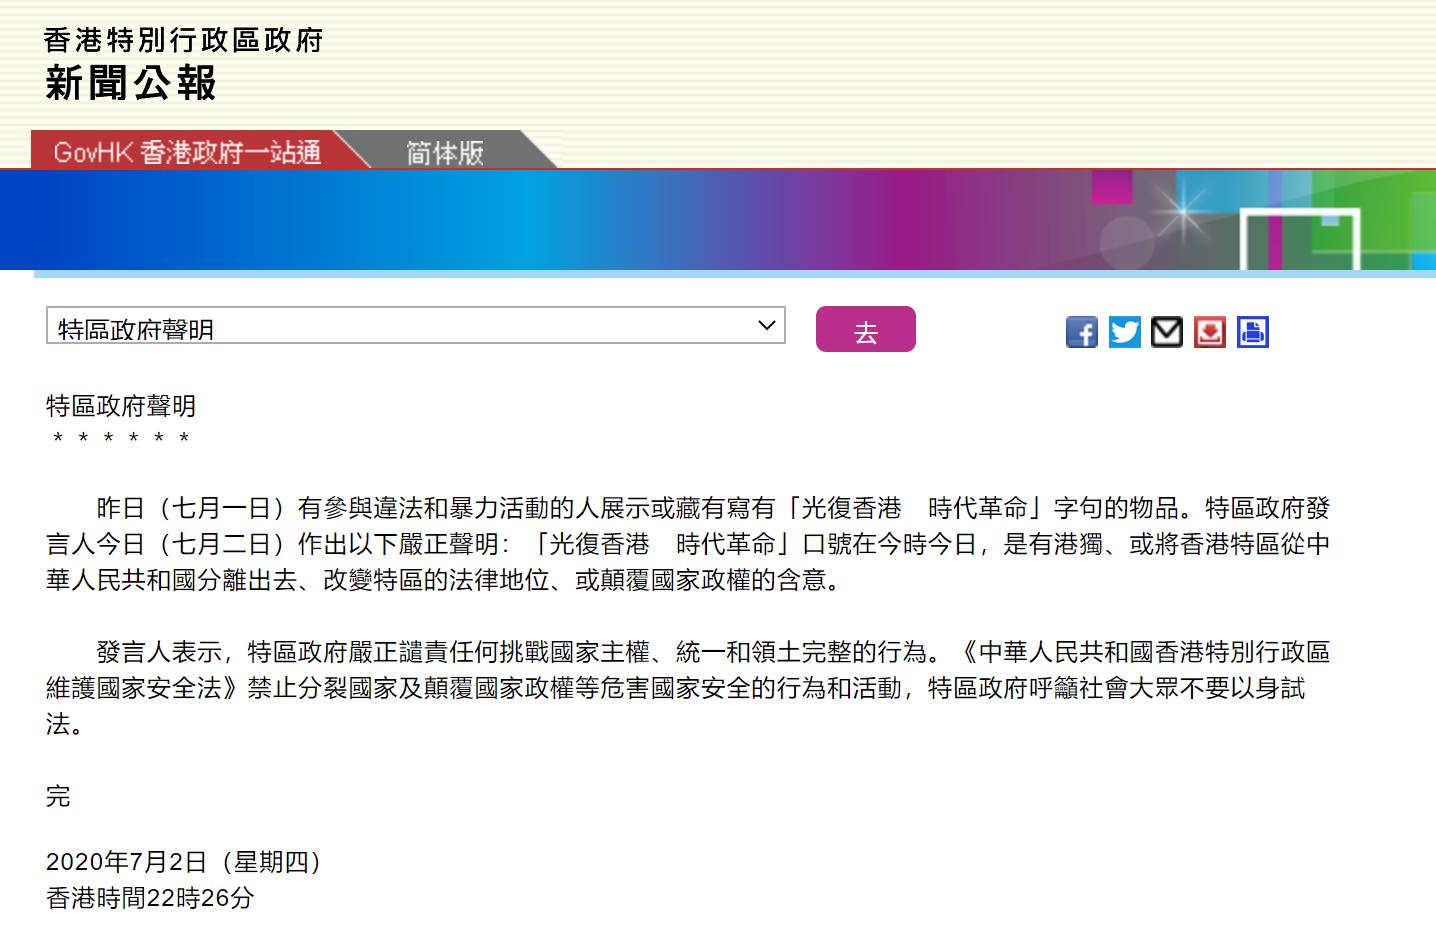 高德平台,声明光复香港时代革命口号有高德平台图片